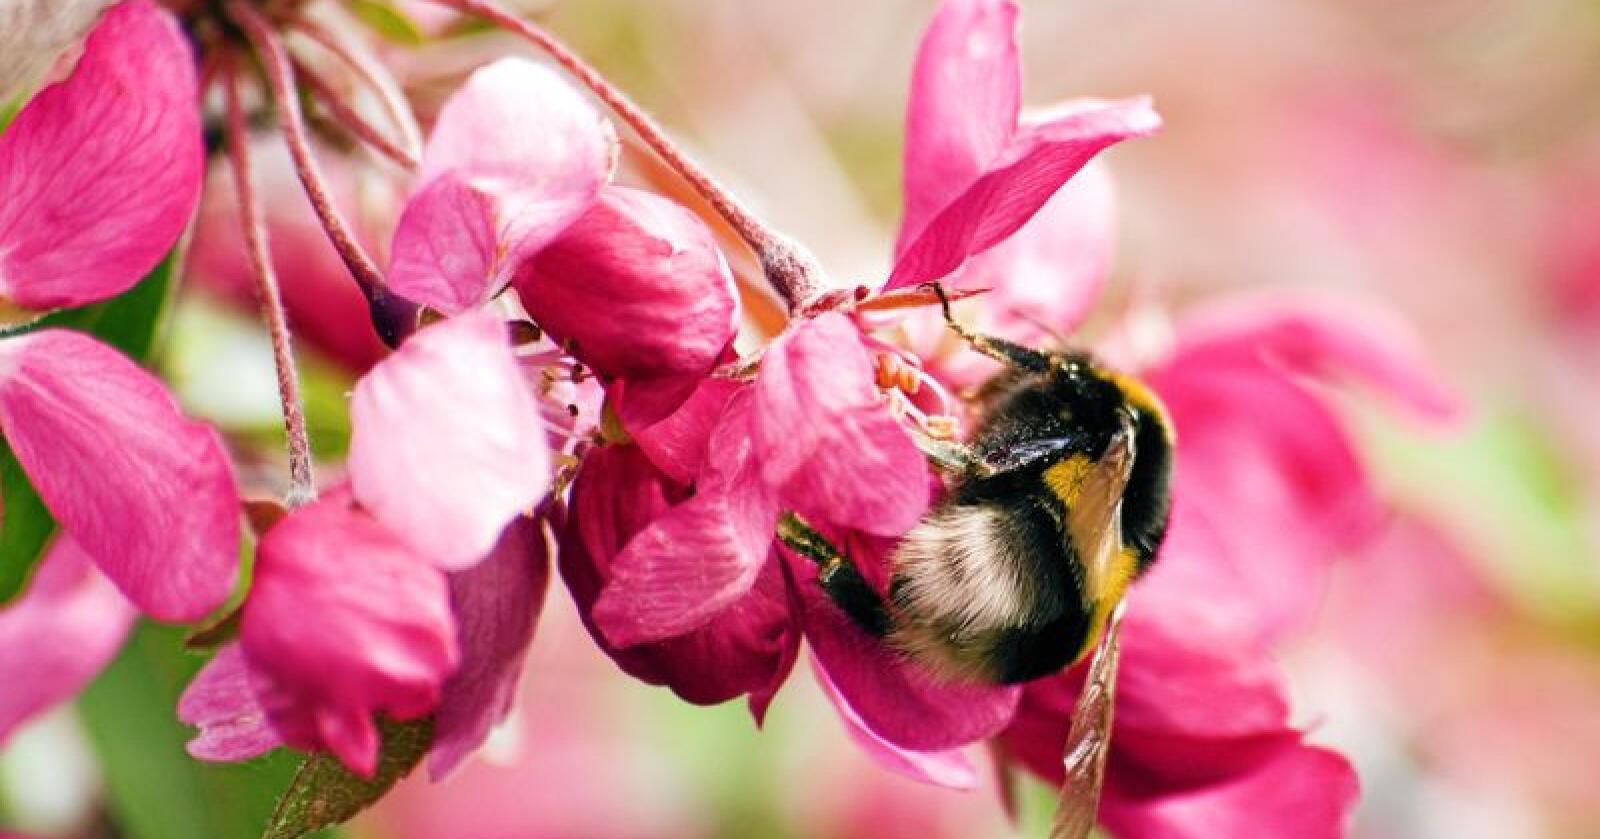 Fruktbart samarbeid: Bier og epleblomster. Foto: NREY